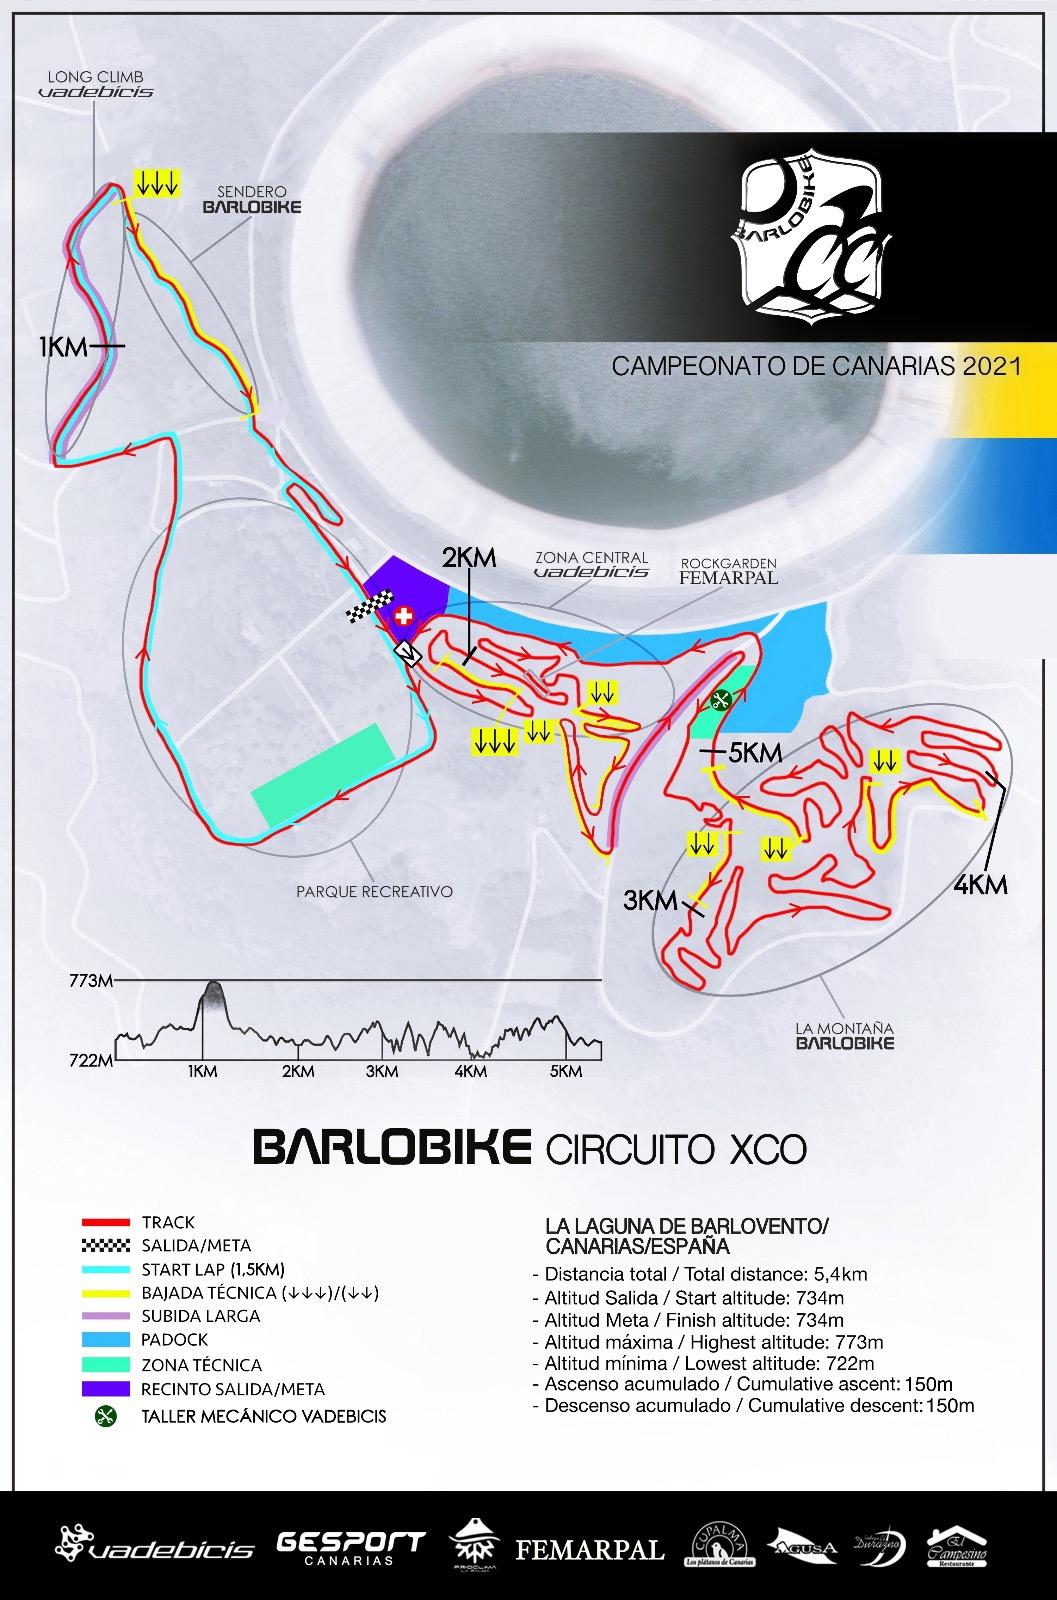 El Campeonato de Canarias de XC 2021-XC Barlobike , el proximo 12 de junio de 2021